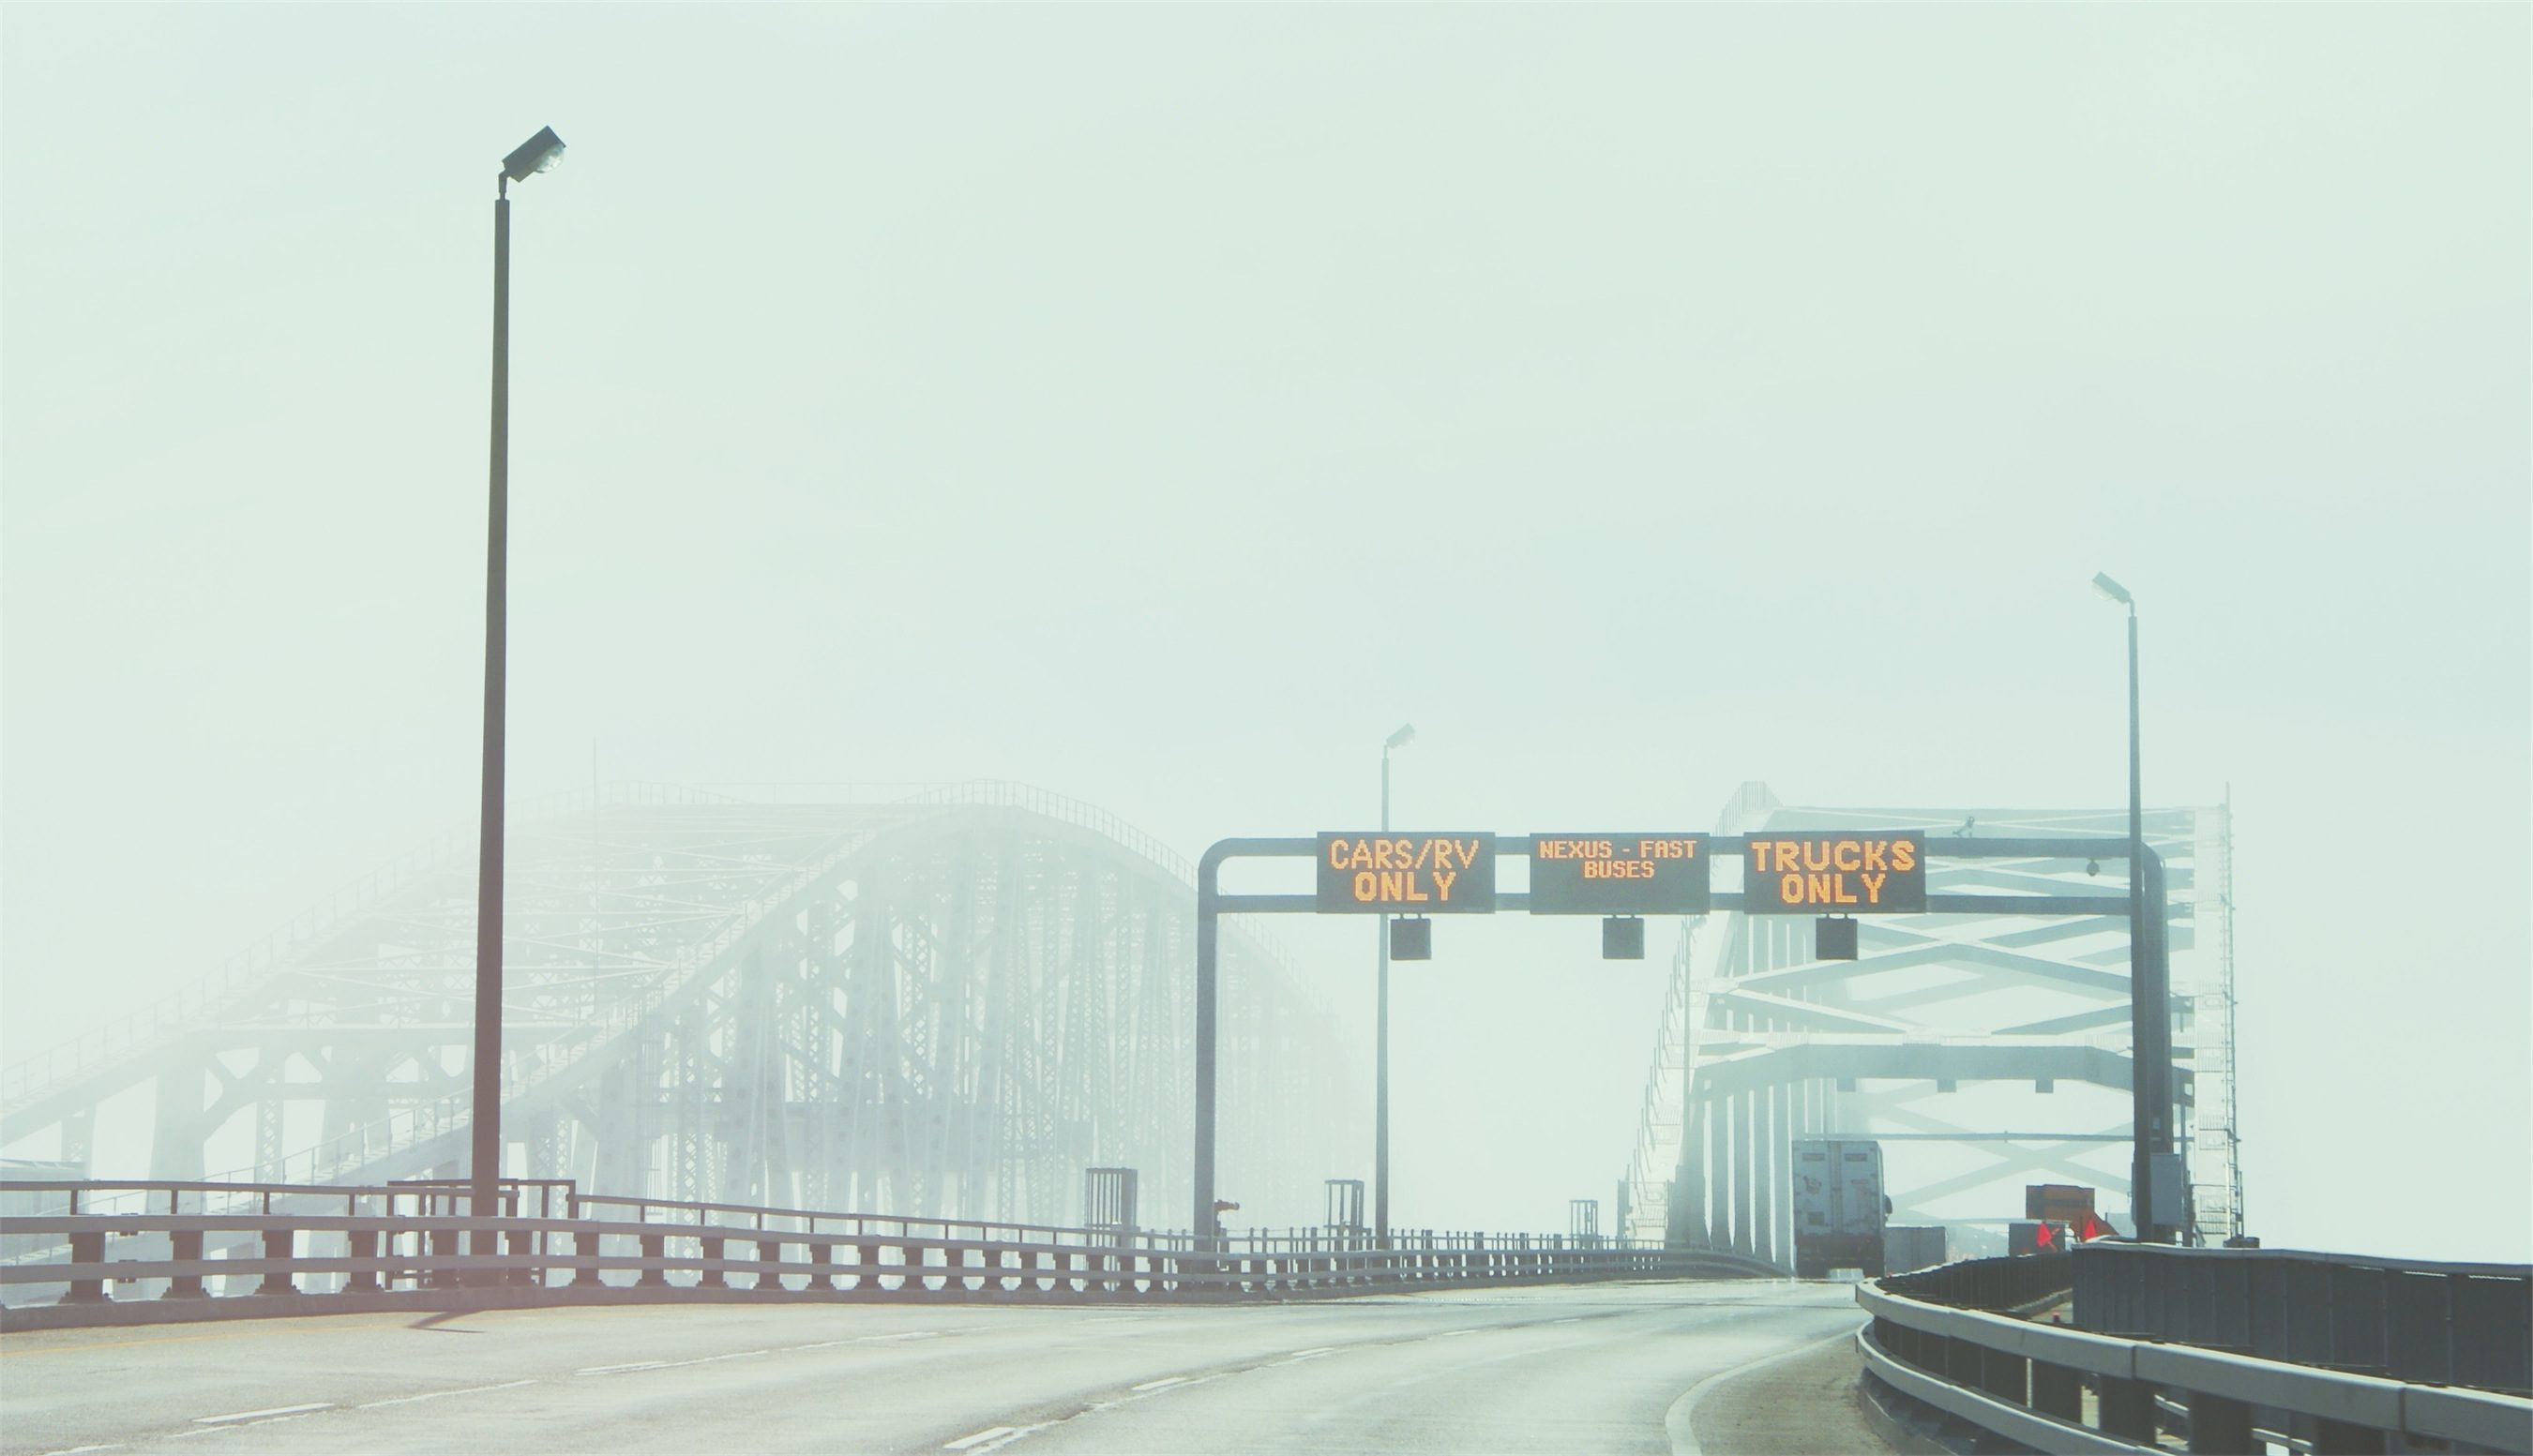 ponte, sinais, nevoeiro, Estrada, luzes - Papéis de parede HD - Professor-falken.com